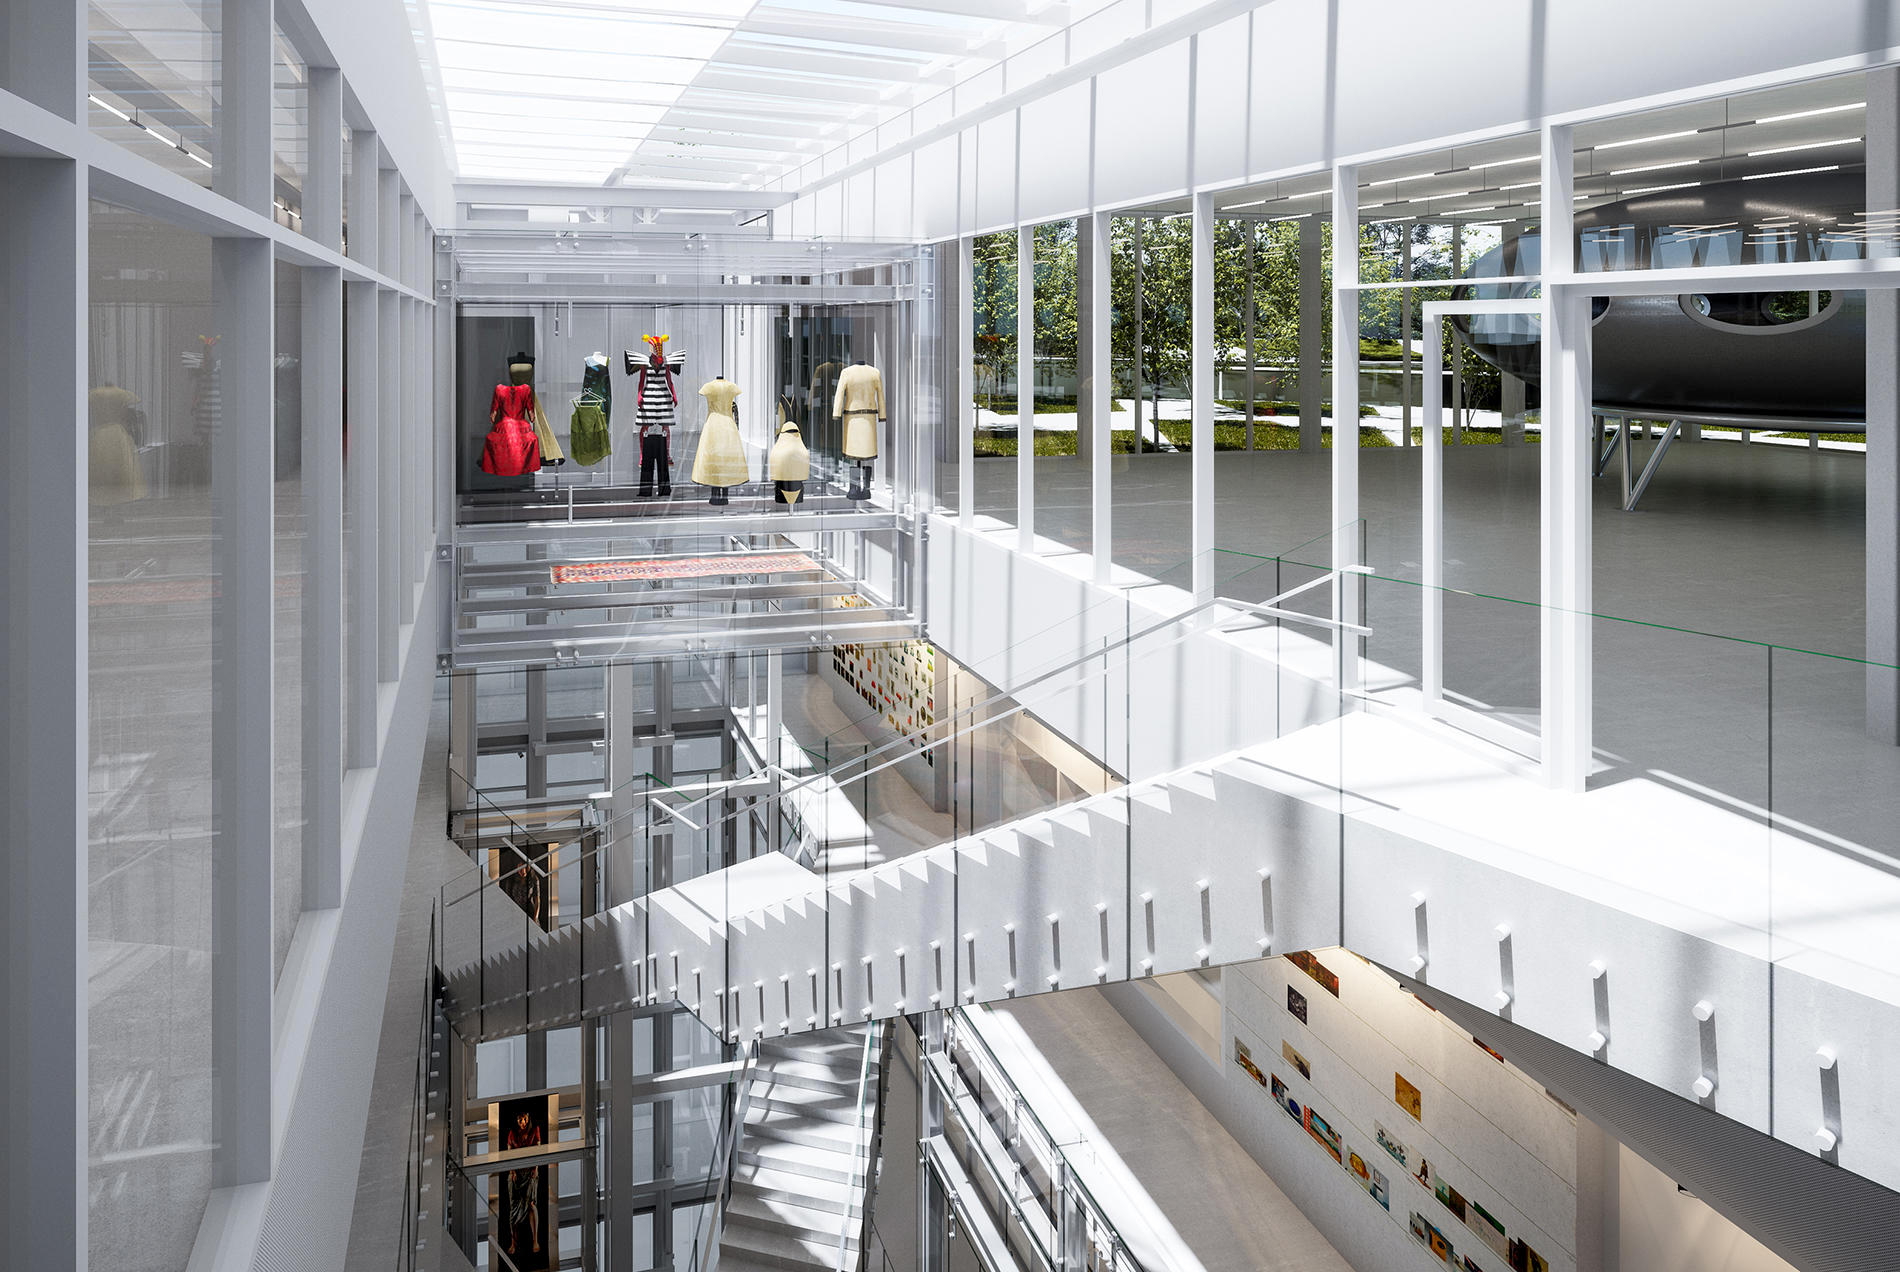 Depot Boijmans Van Beuningen. Eine Simulation des Atriums mit Treppenhaus: In Glasvitrinen werden einzelne Sammlungsstücke präsentiert.